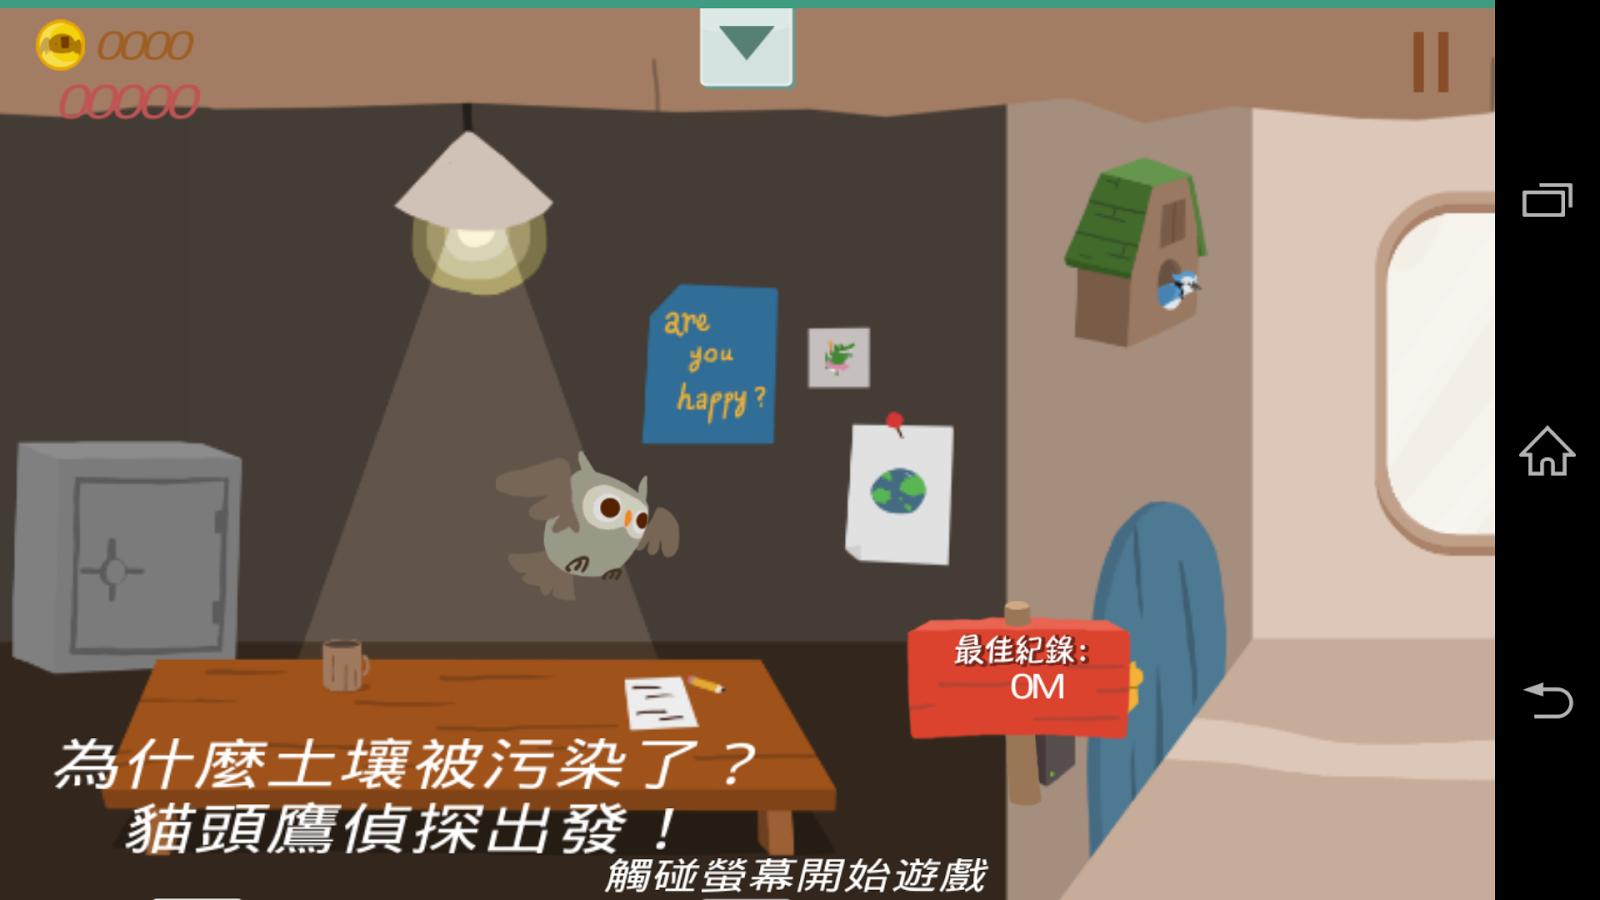 绘本故事描述著主角的历程,小动物发现了土壤问题,因此化身为大侦探